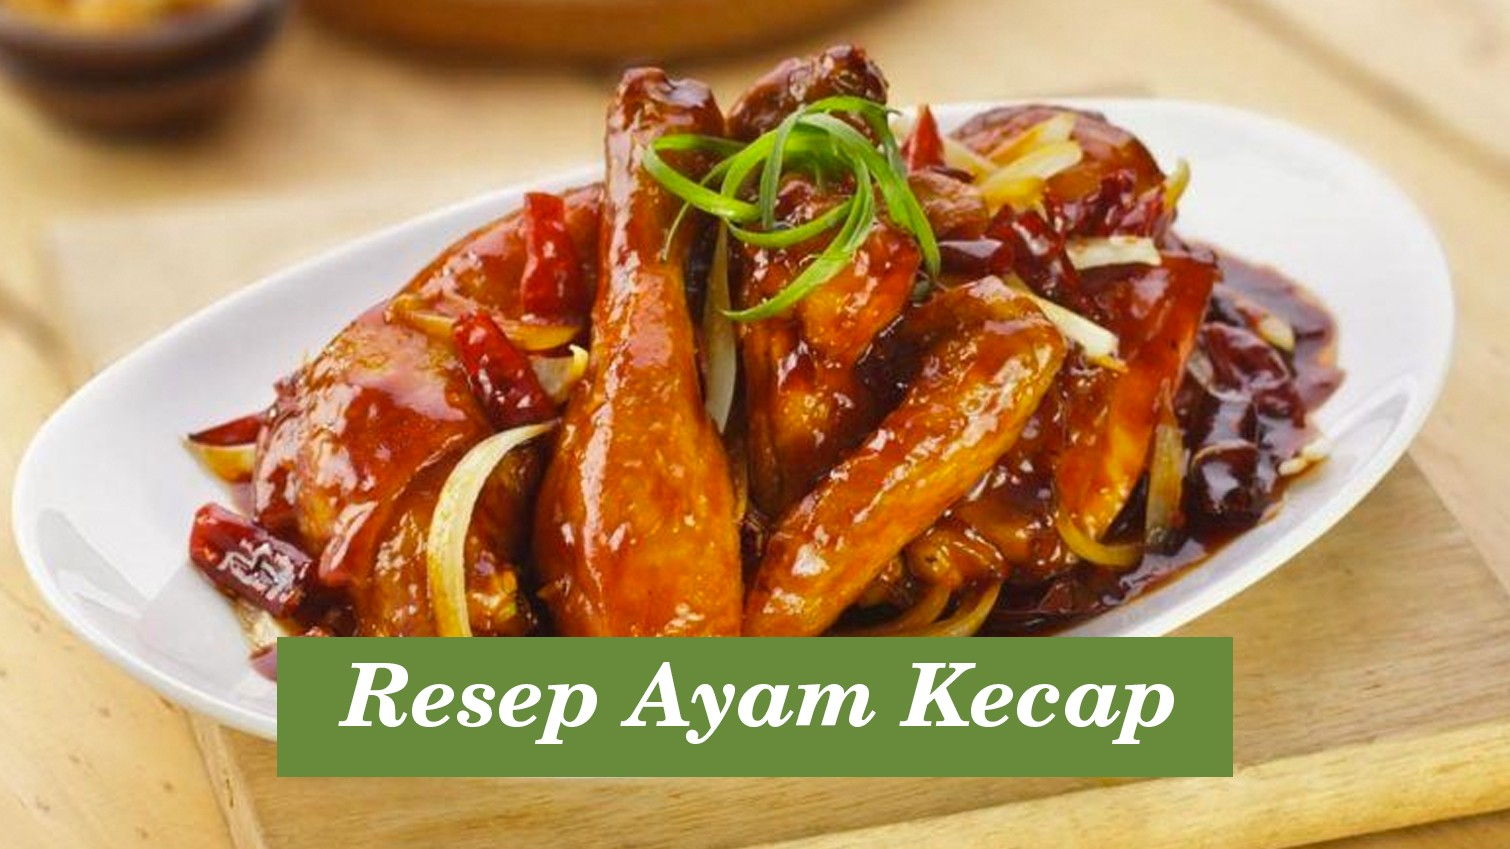 Resep Ayam Kecap Enak Dan Nikmat Orami